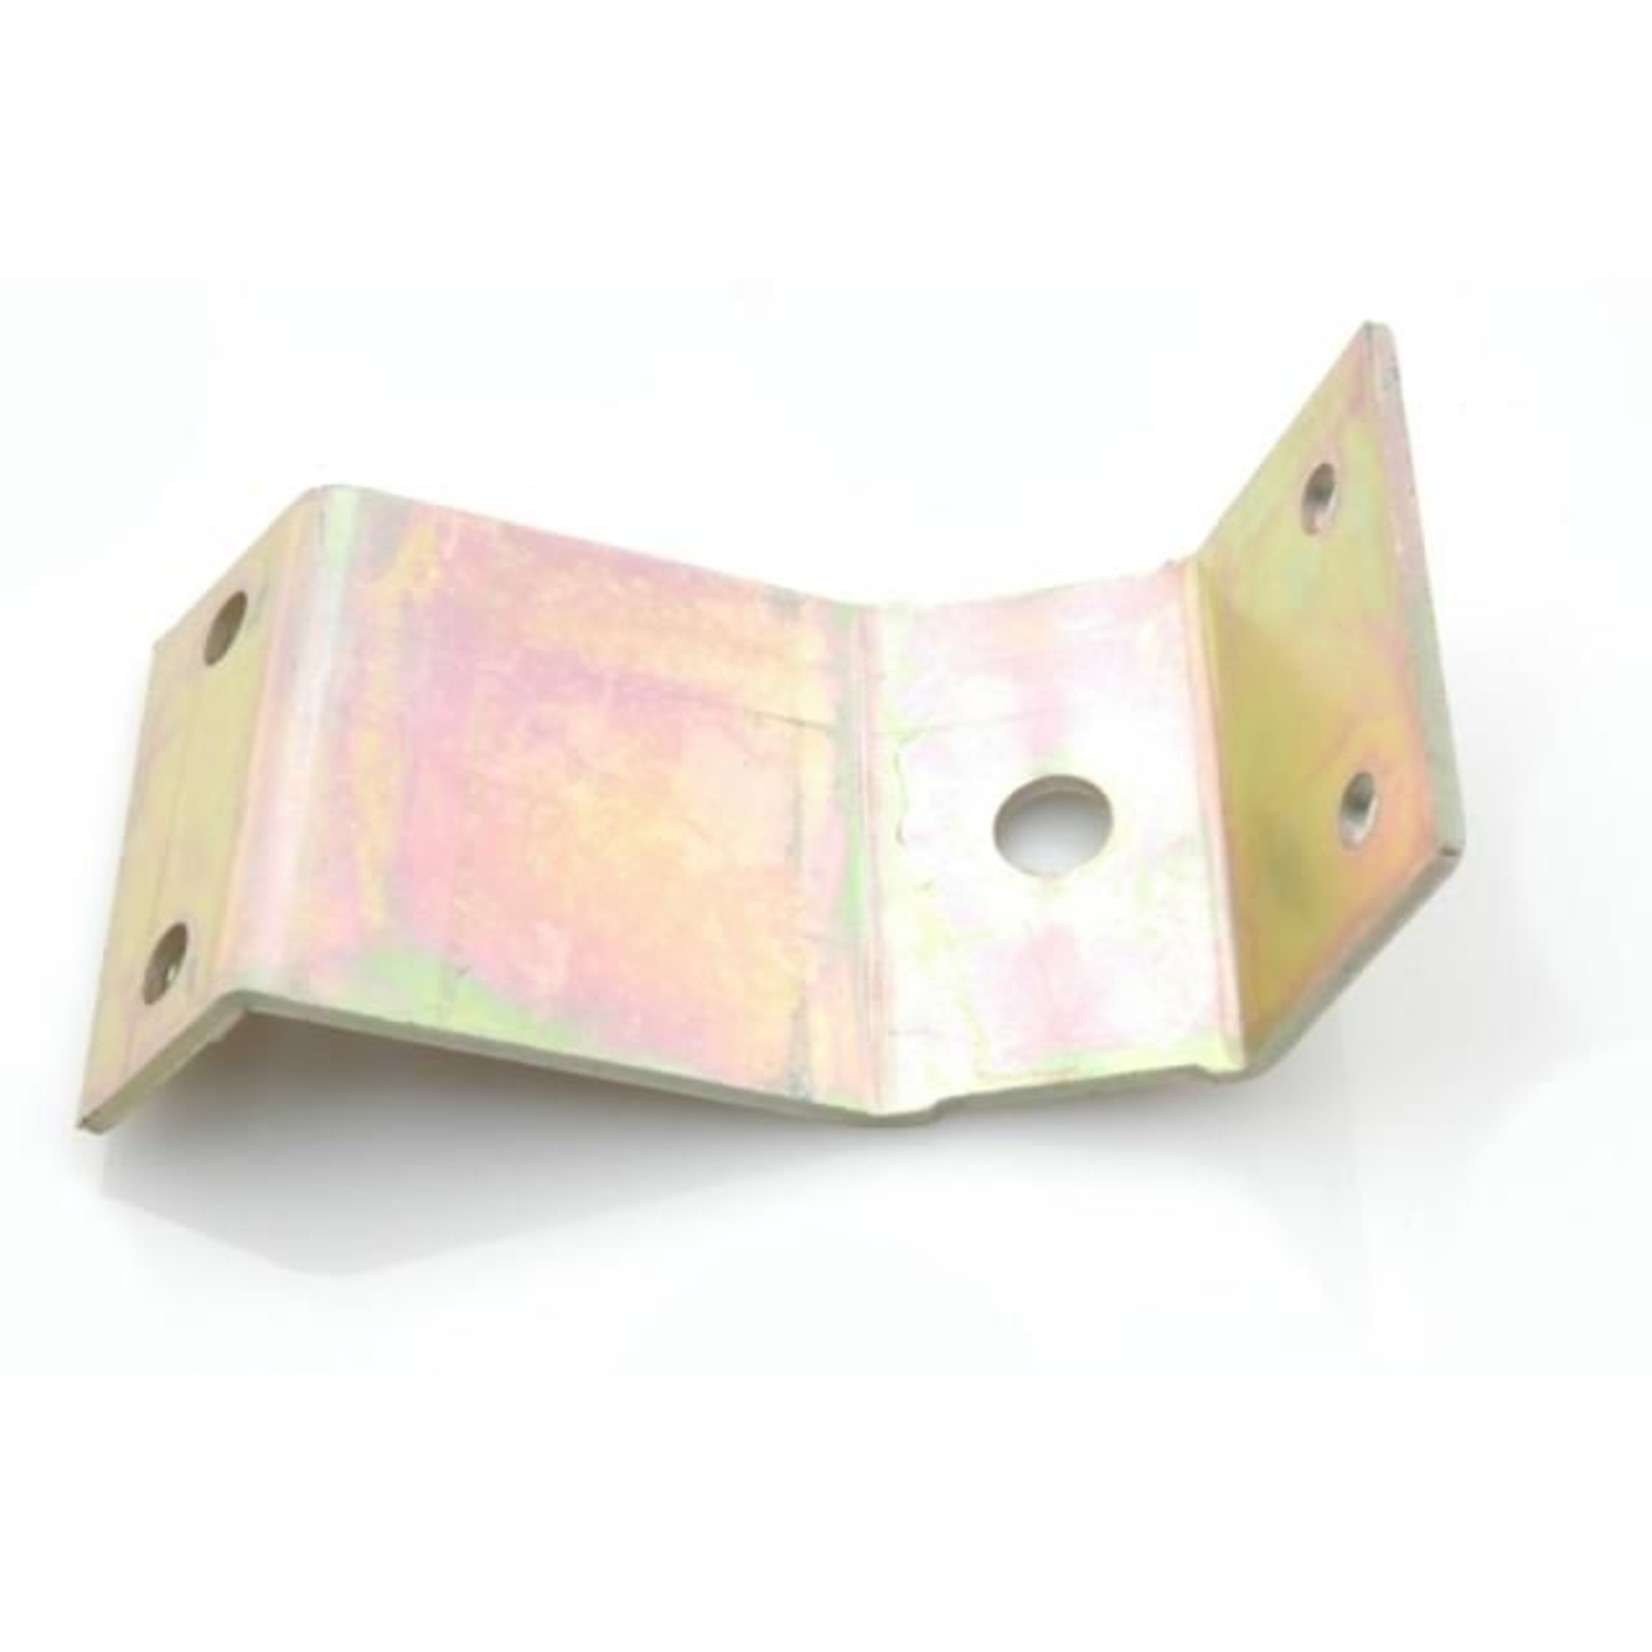 Lug for reversing light left Nr Org: 5410856